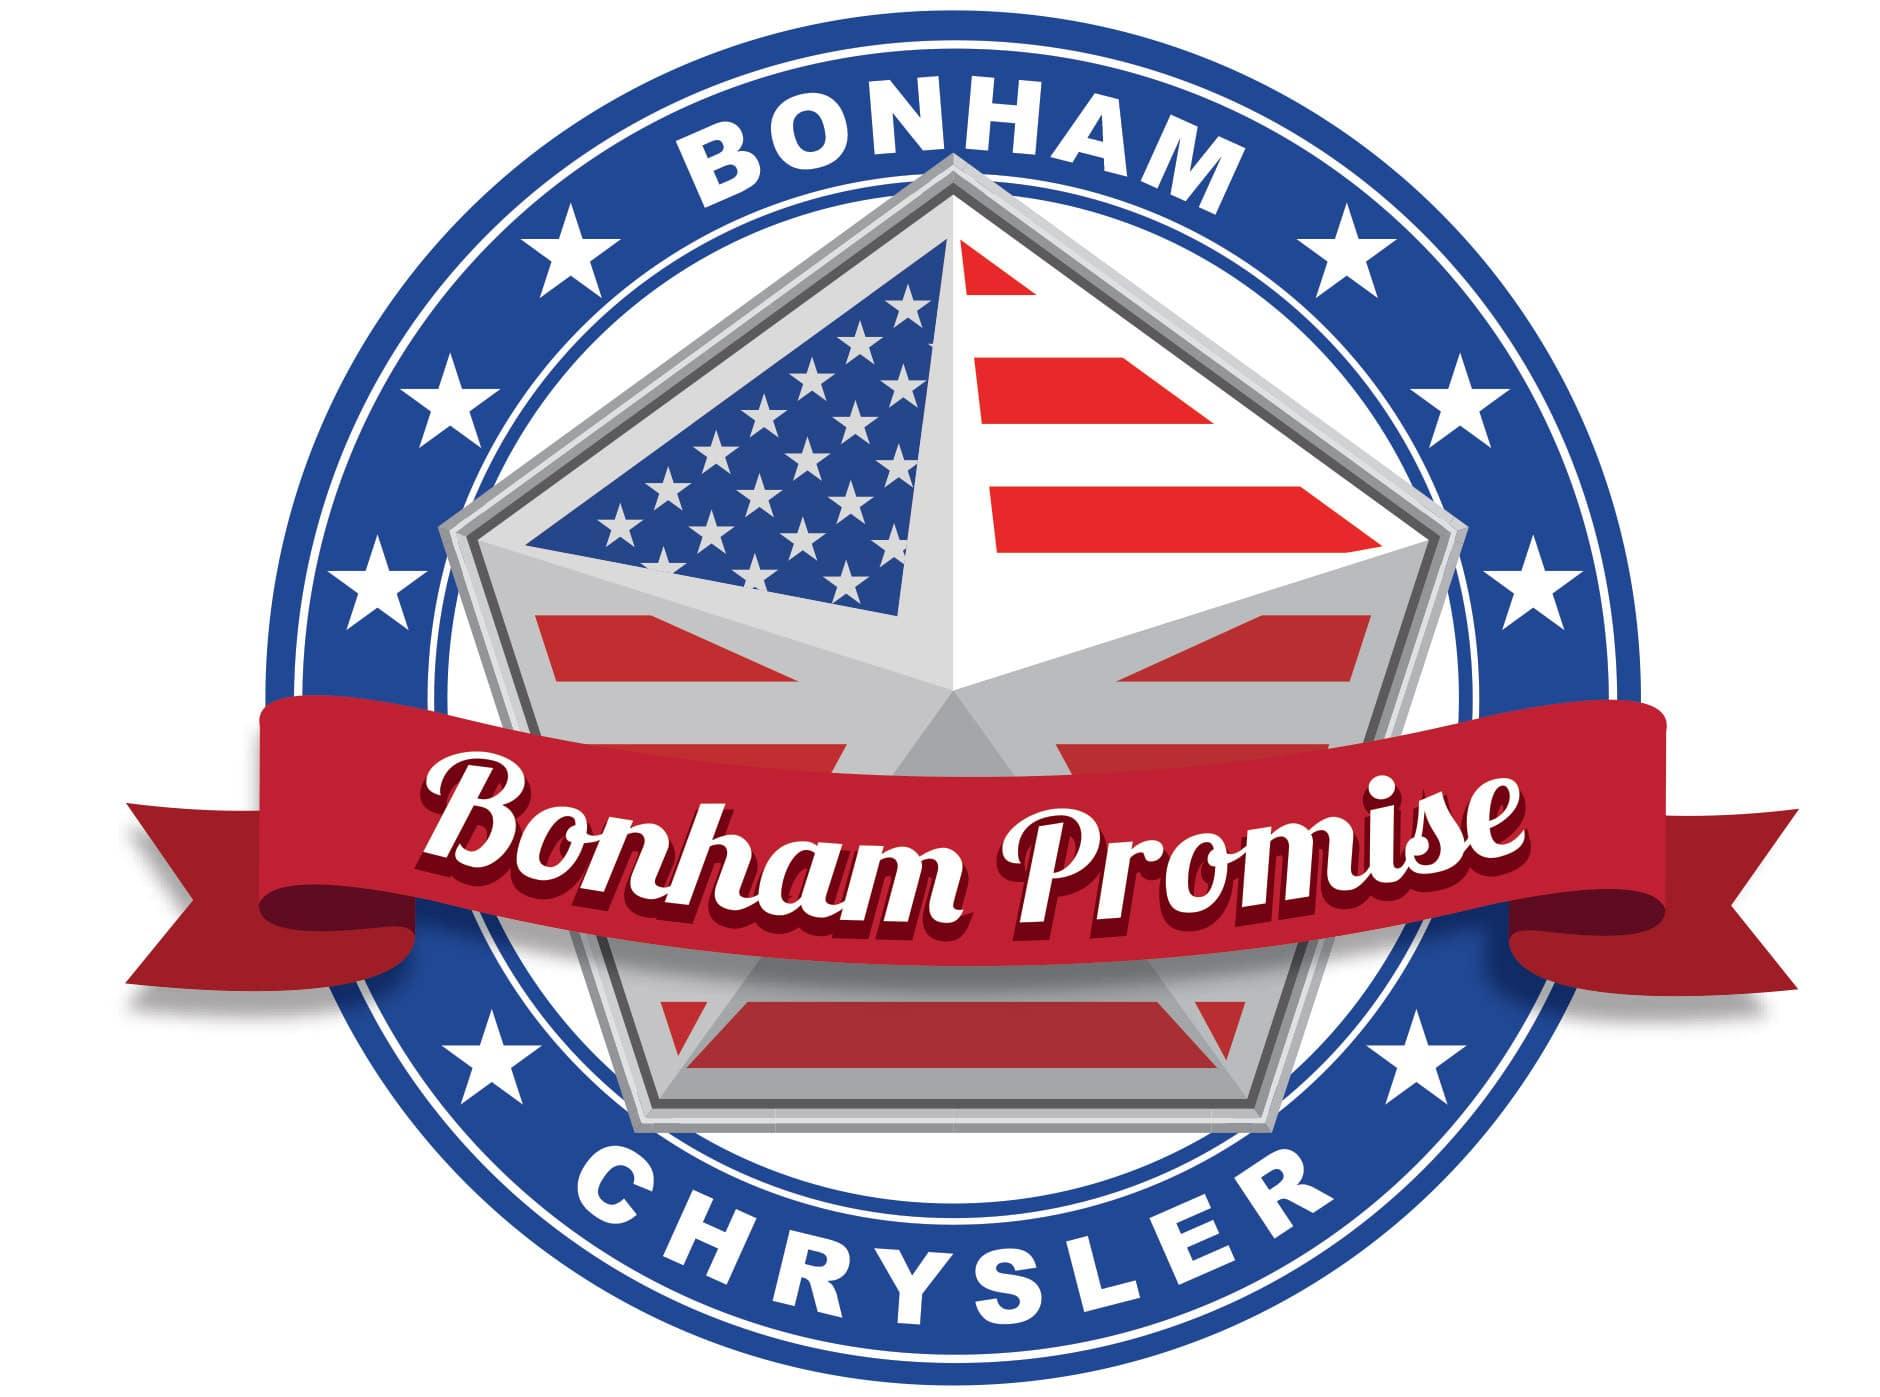 Bonham Chrysler Promise